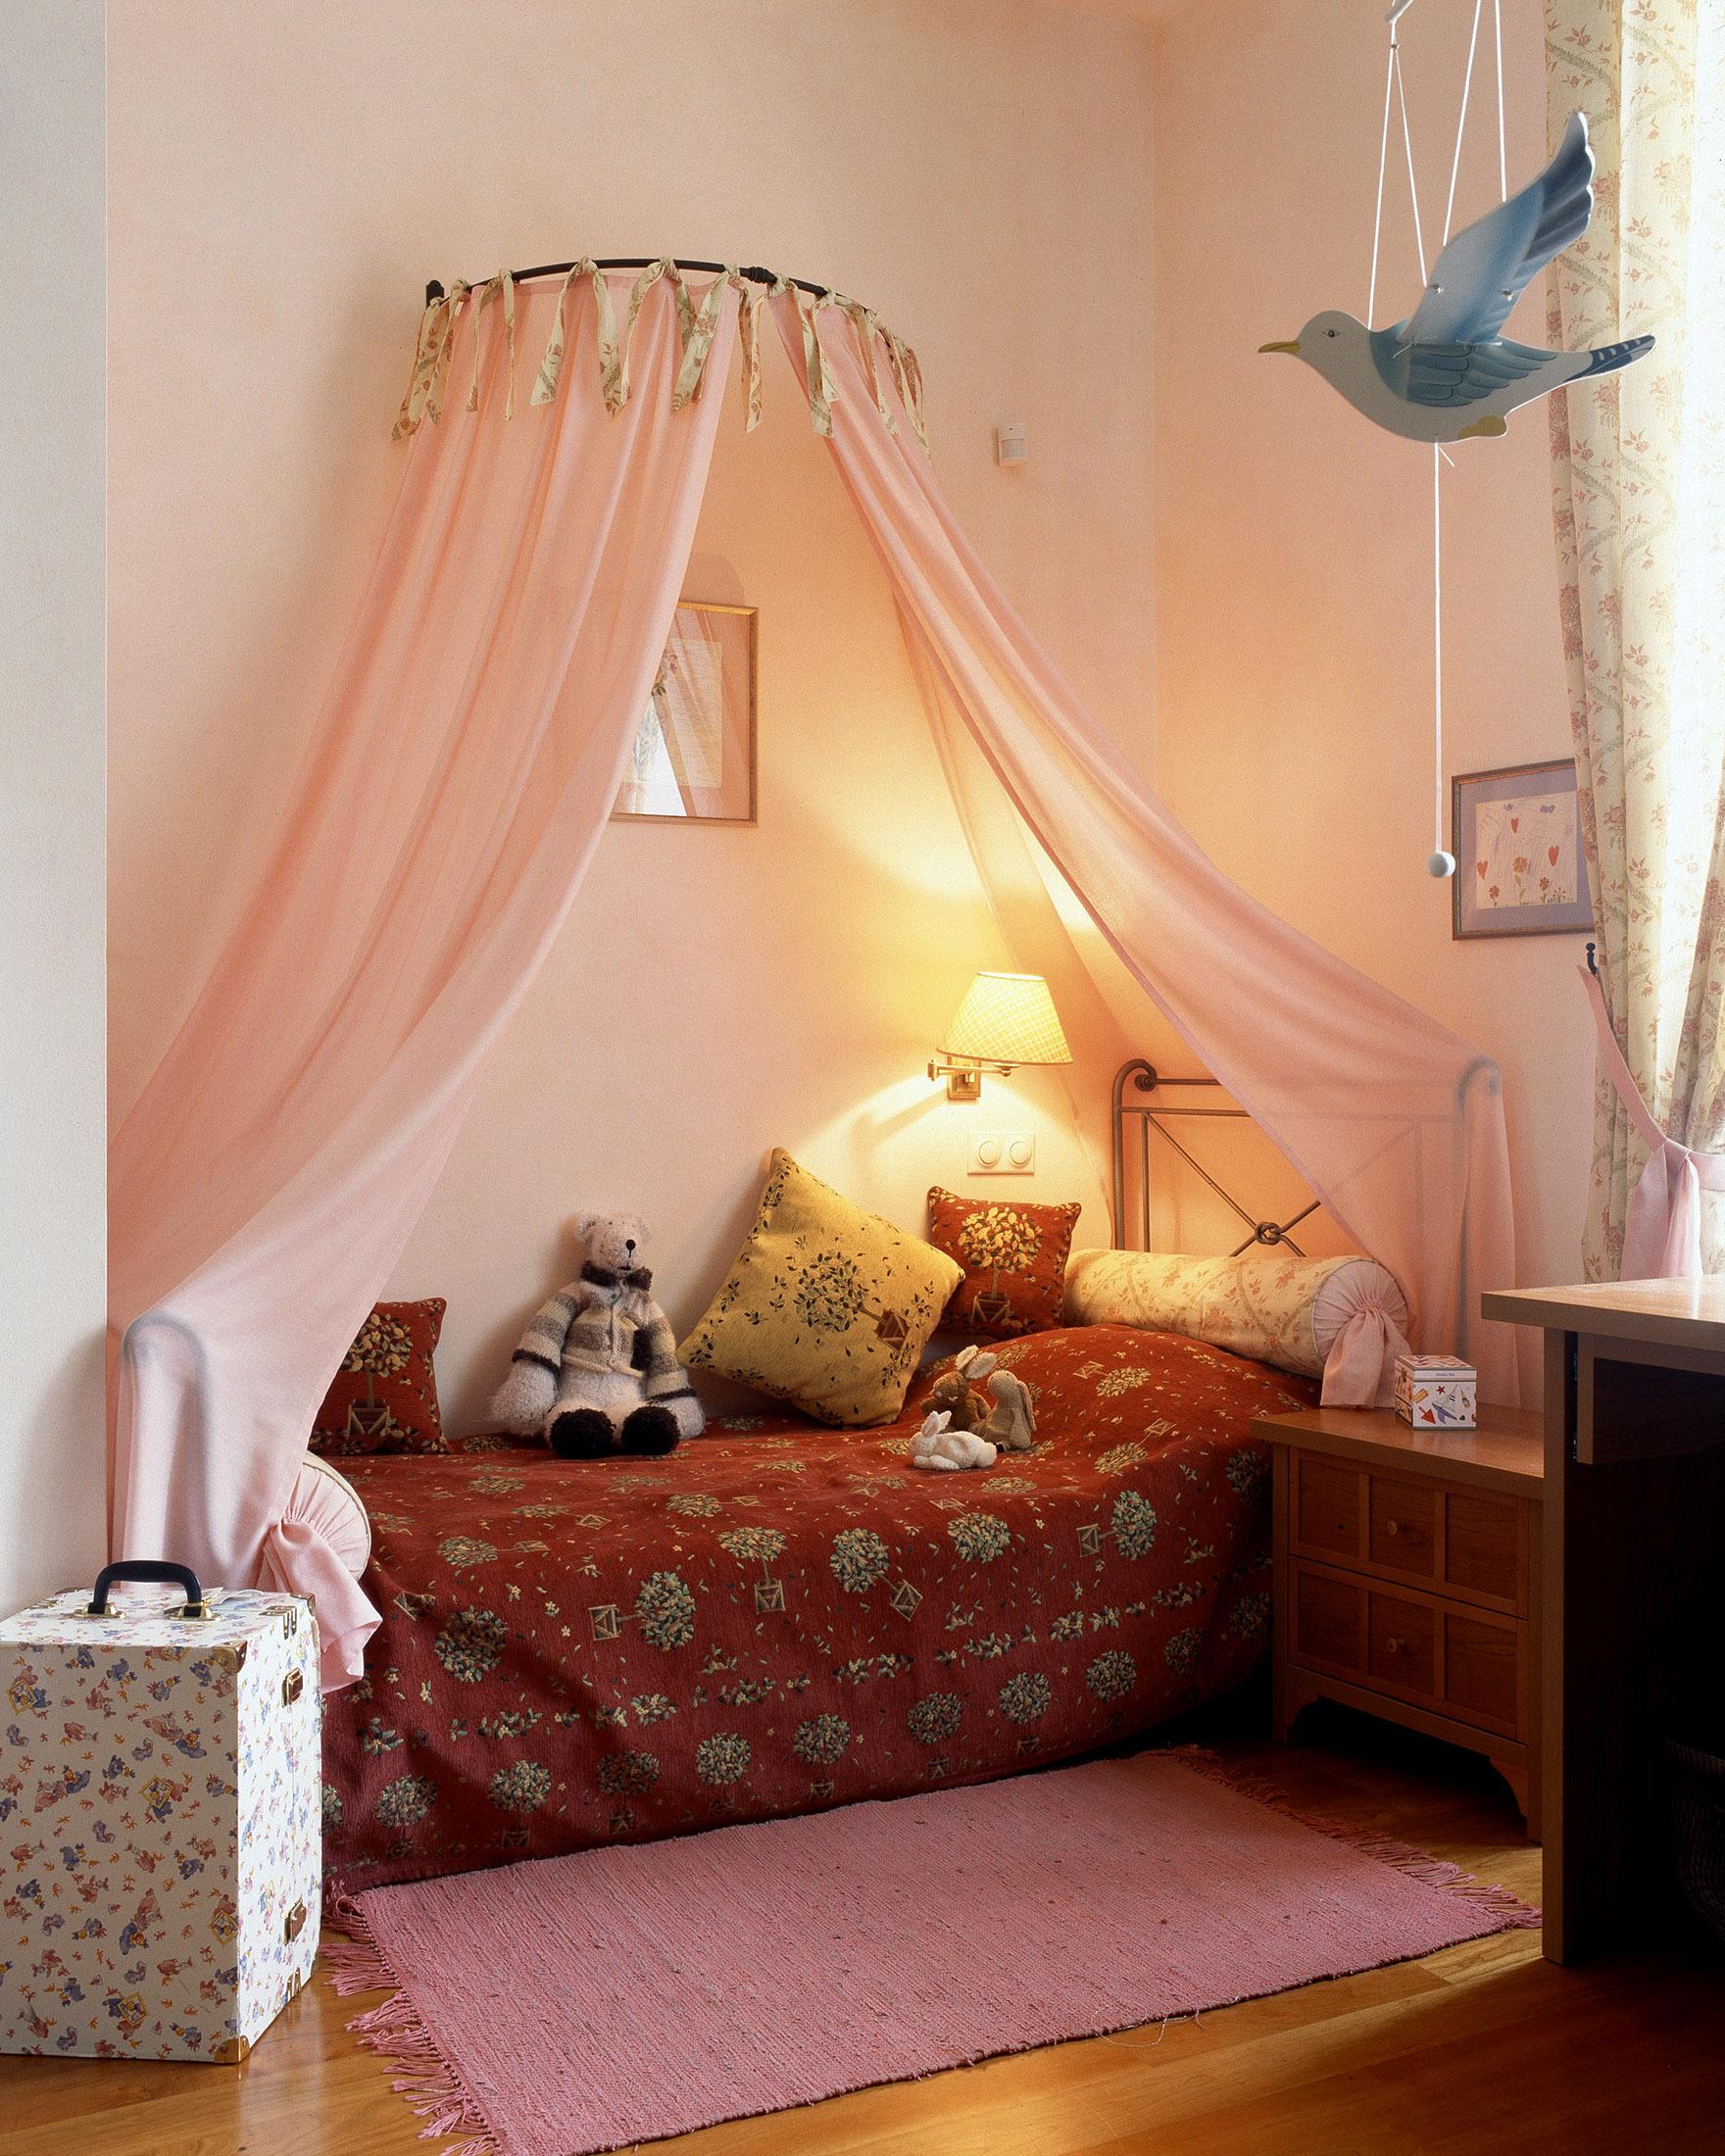 Как сделать тепло в маленькой комнате